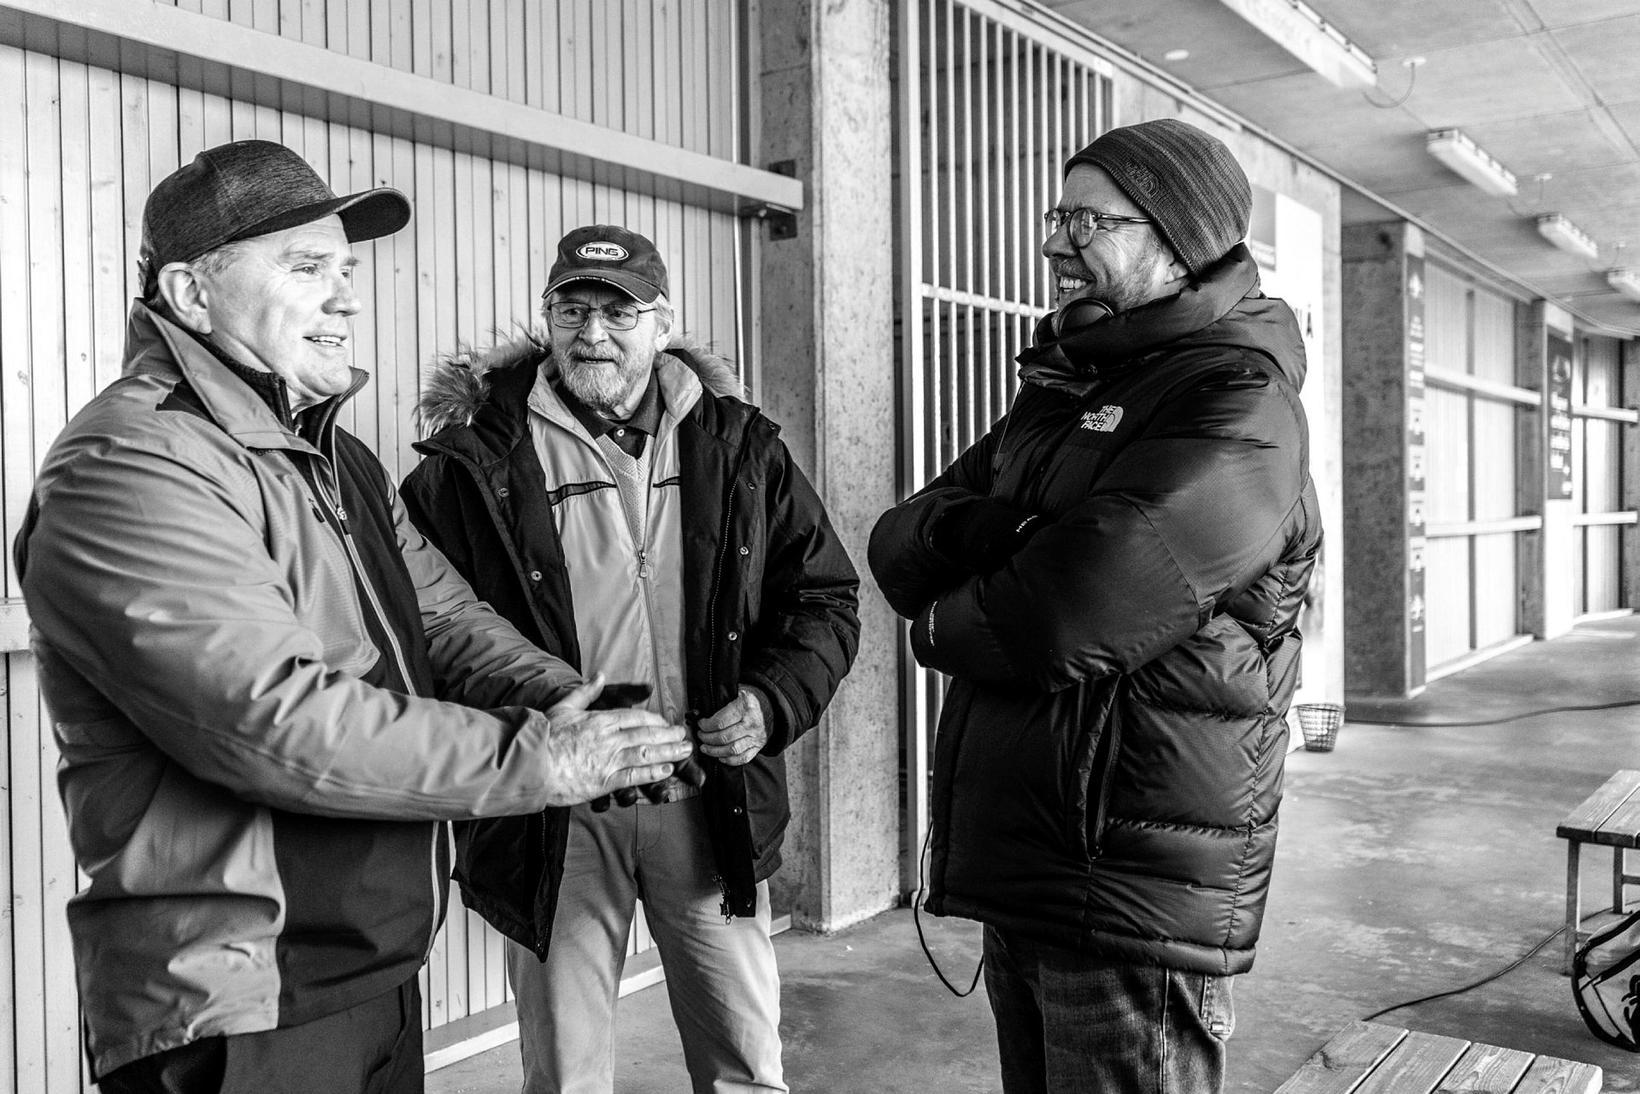 Leikararnir Einar Gunn og Laddi með leikstjóranum Kristófer Dignus.